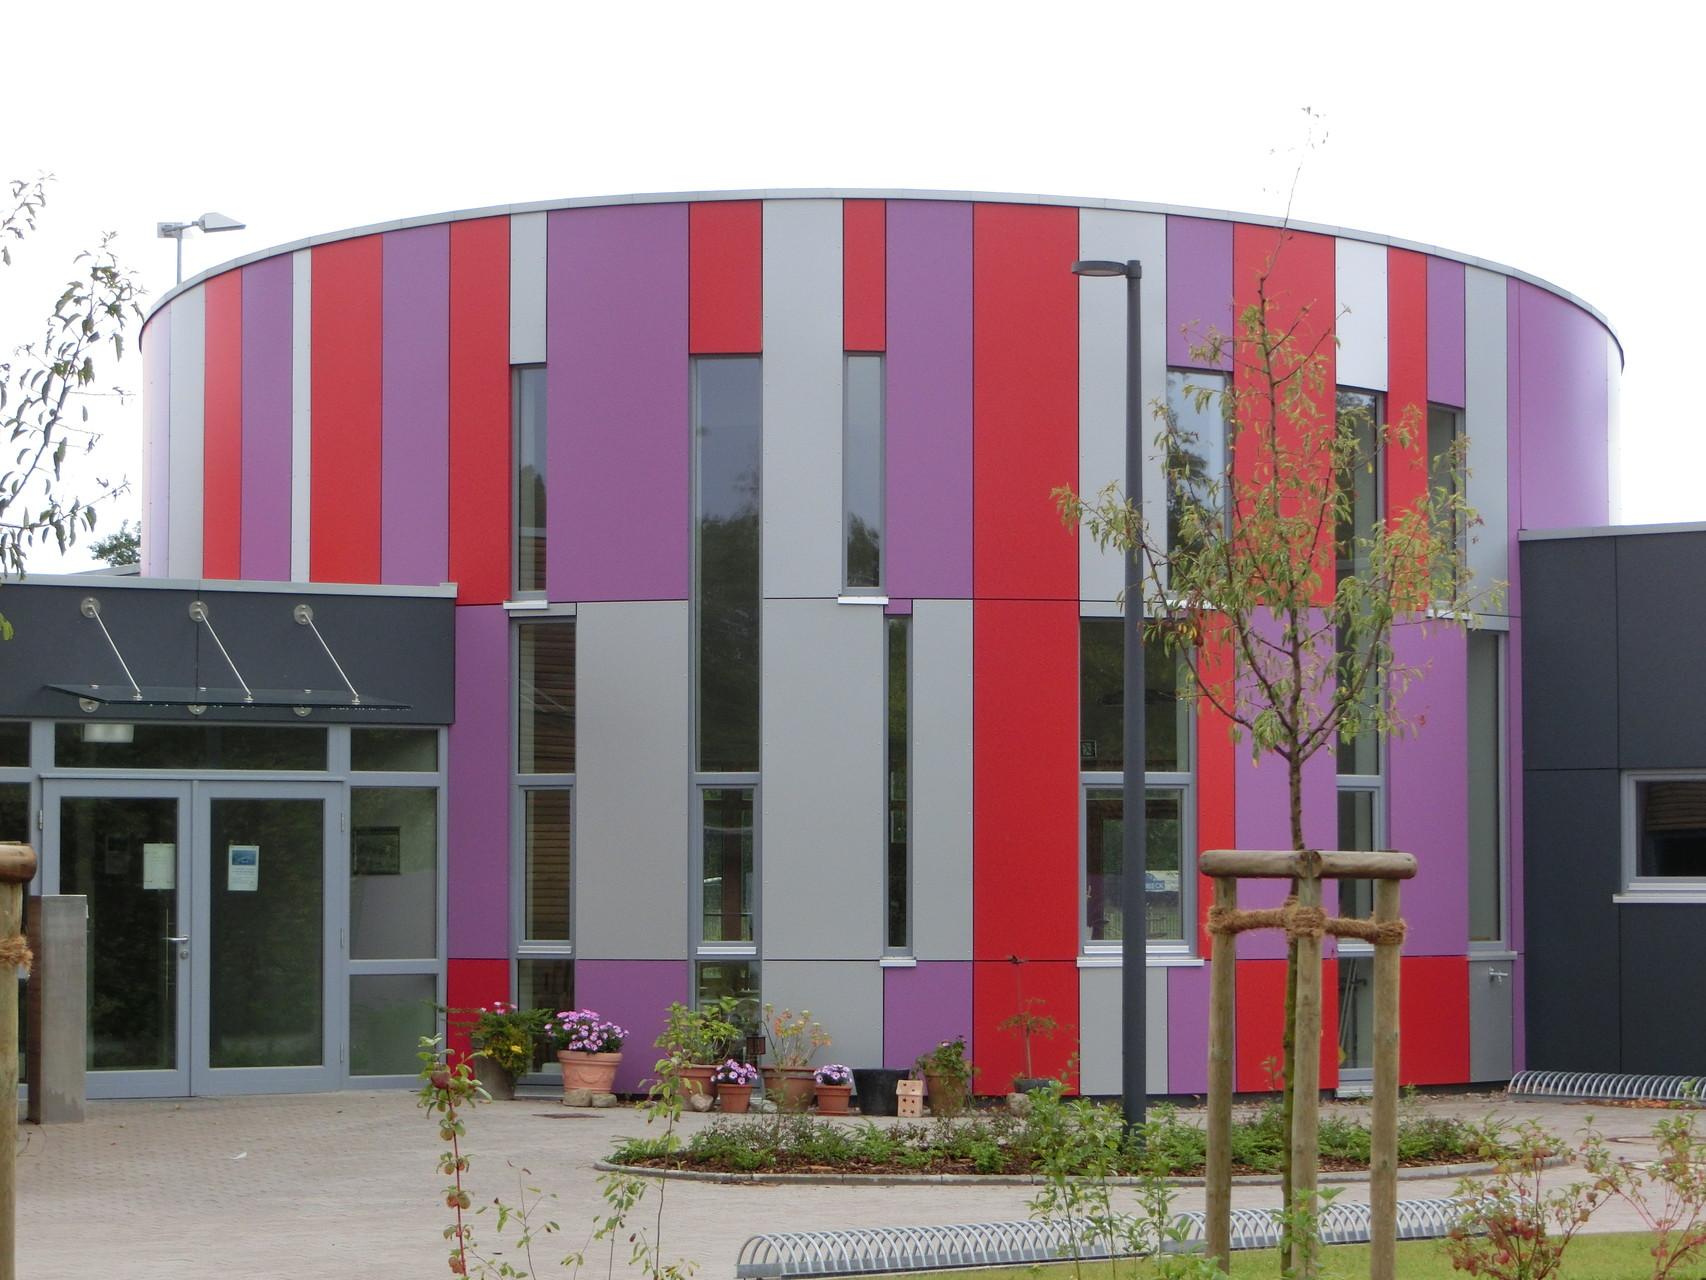 Fassadenverkleidung in Trespa